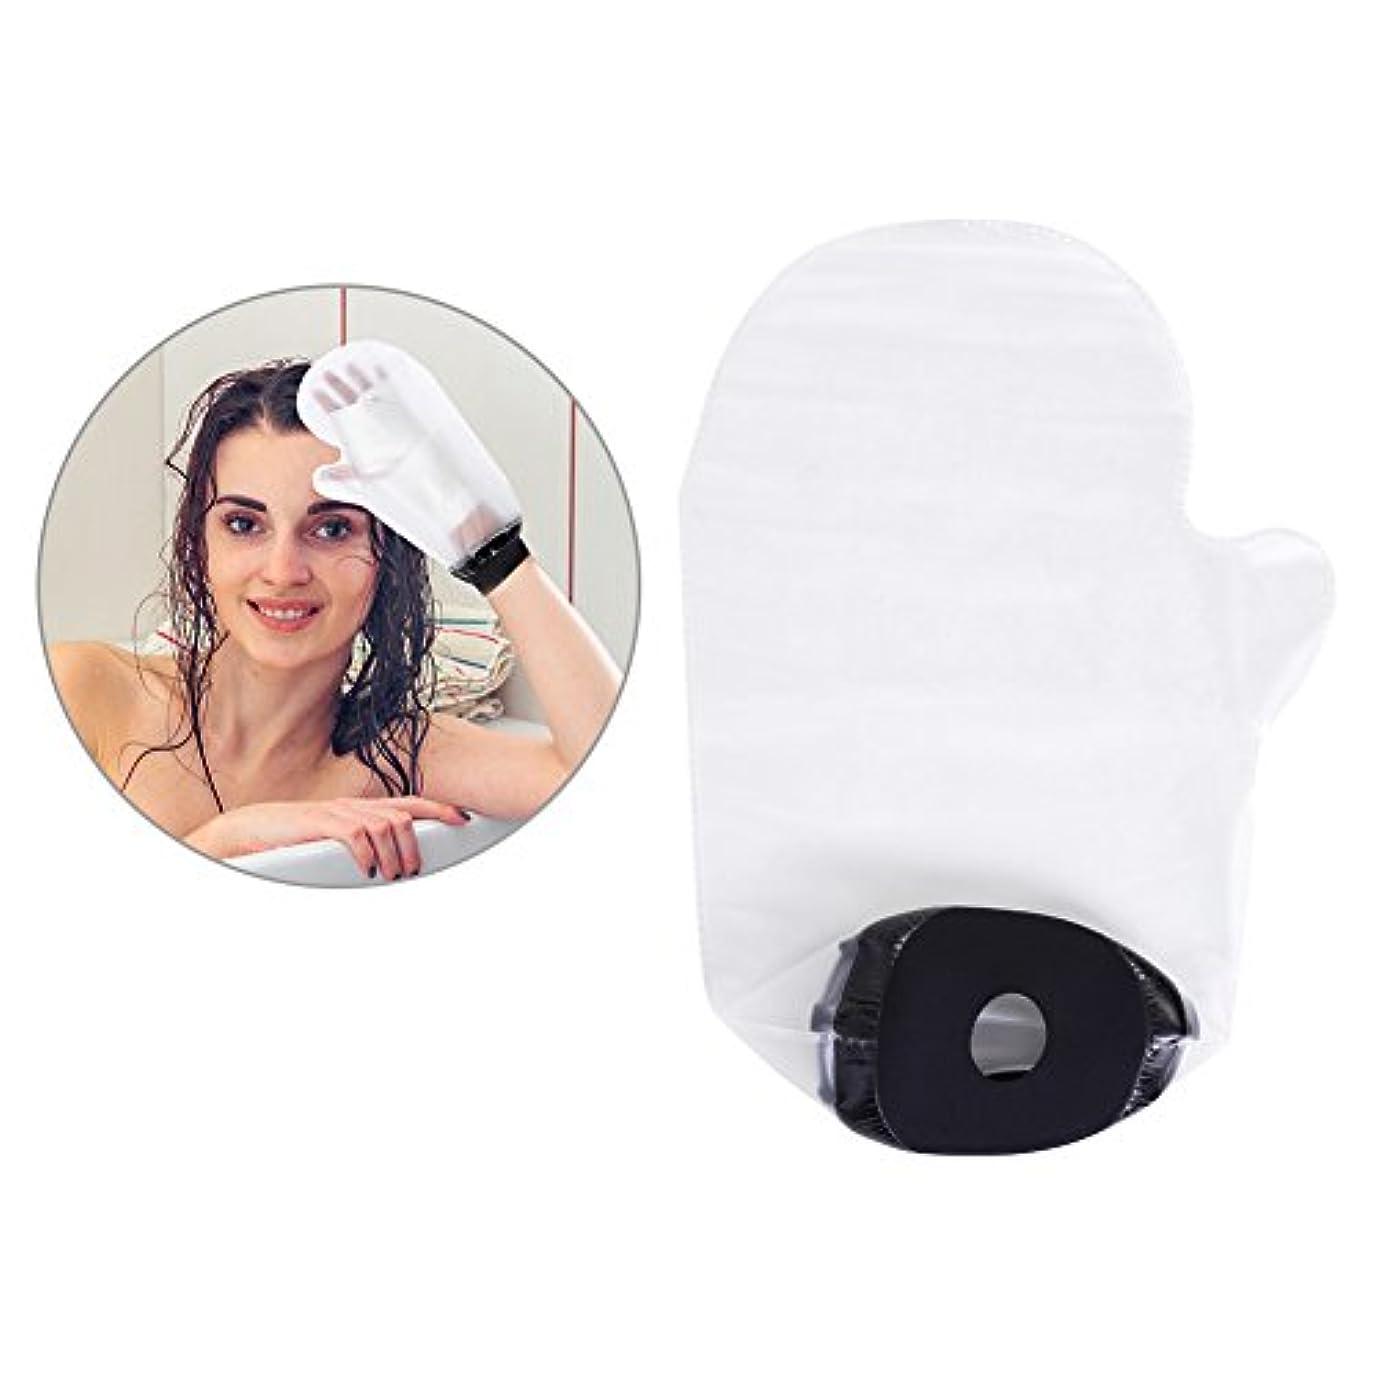 支配するすべて歪める防水包帯保護袋 入浴中に傷の骨折手の感染を防ぐ FDA認定あり